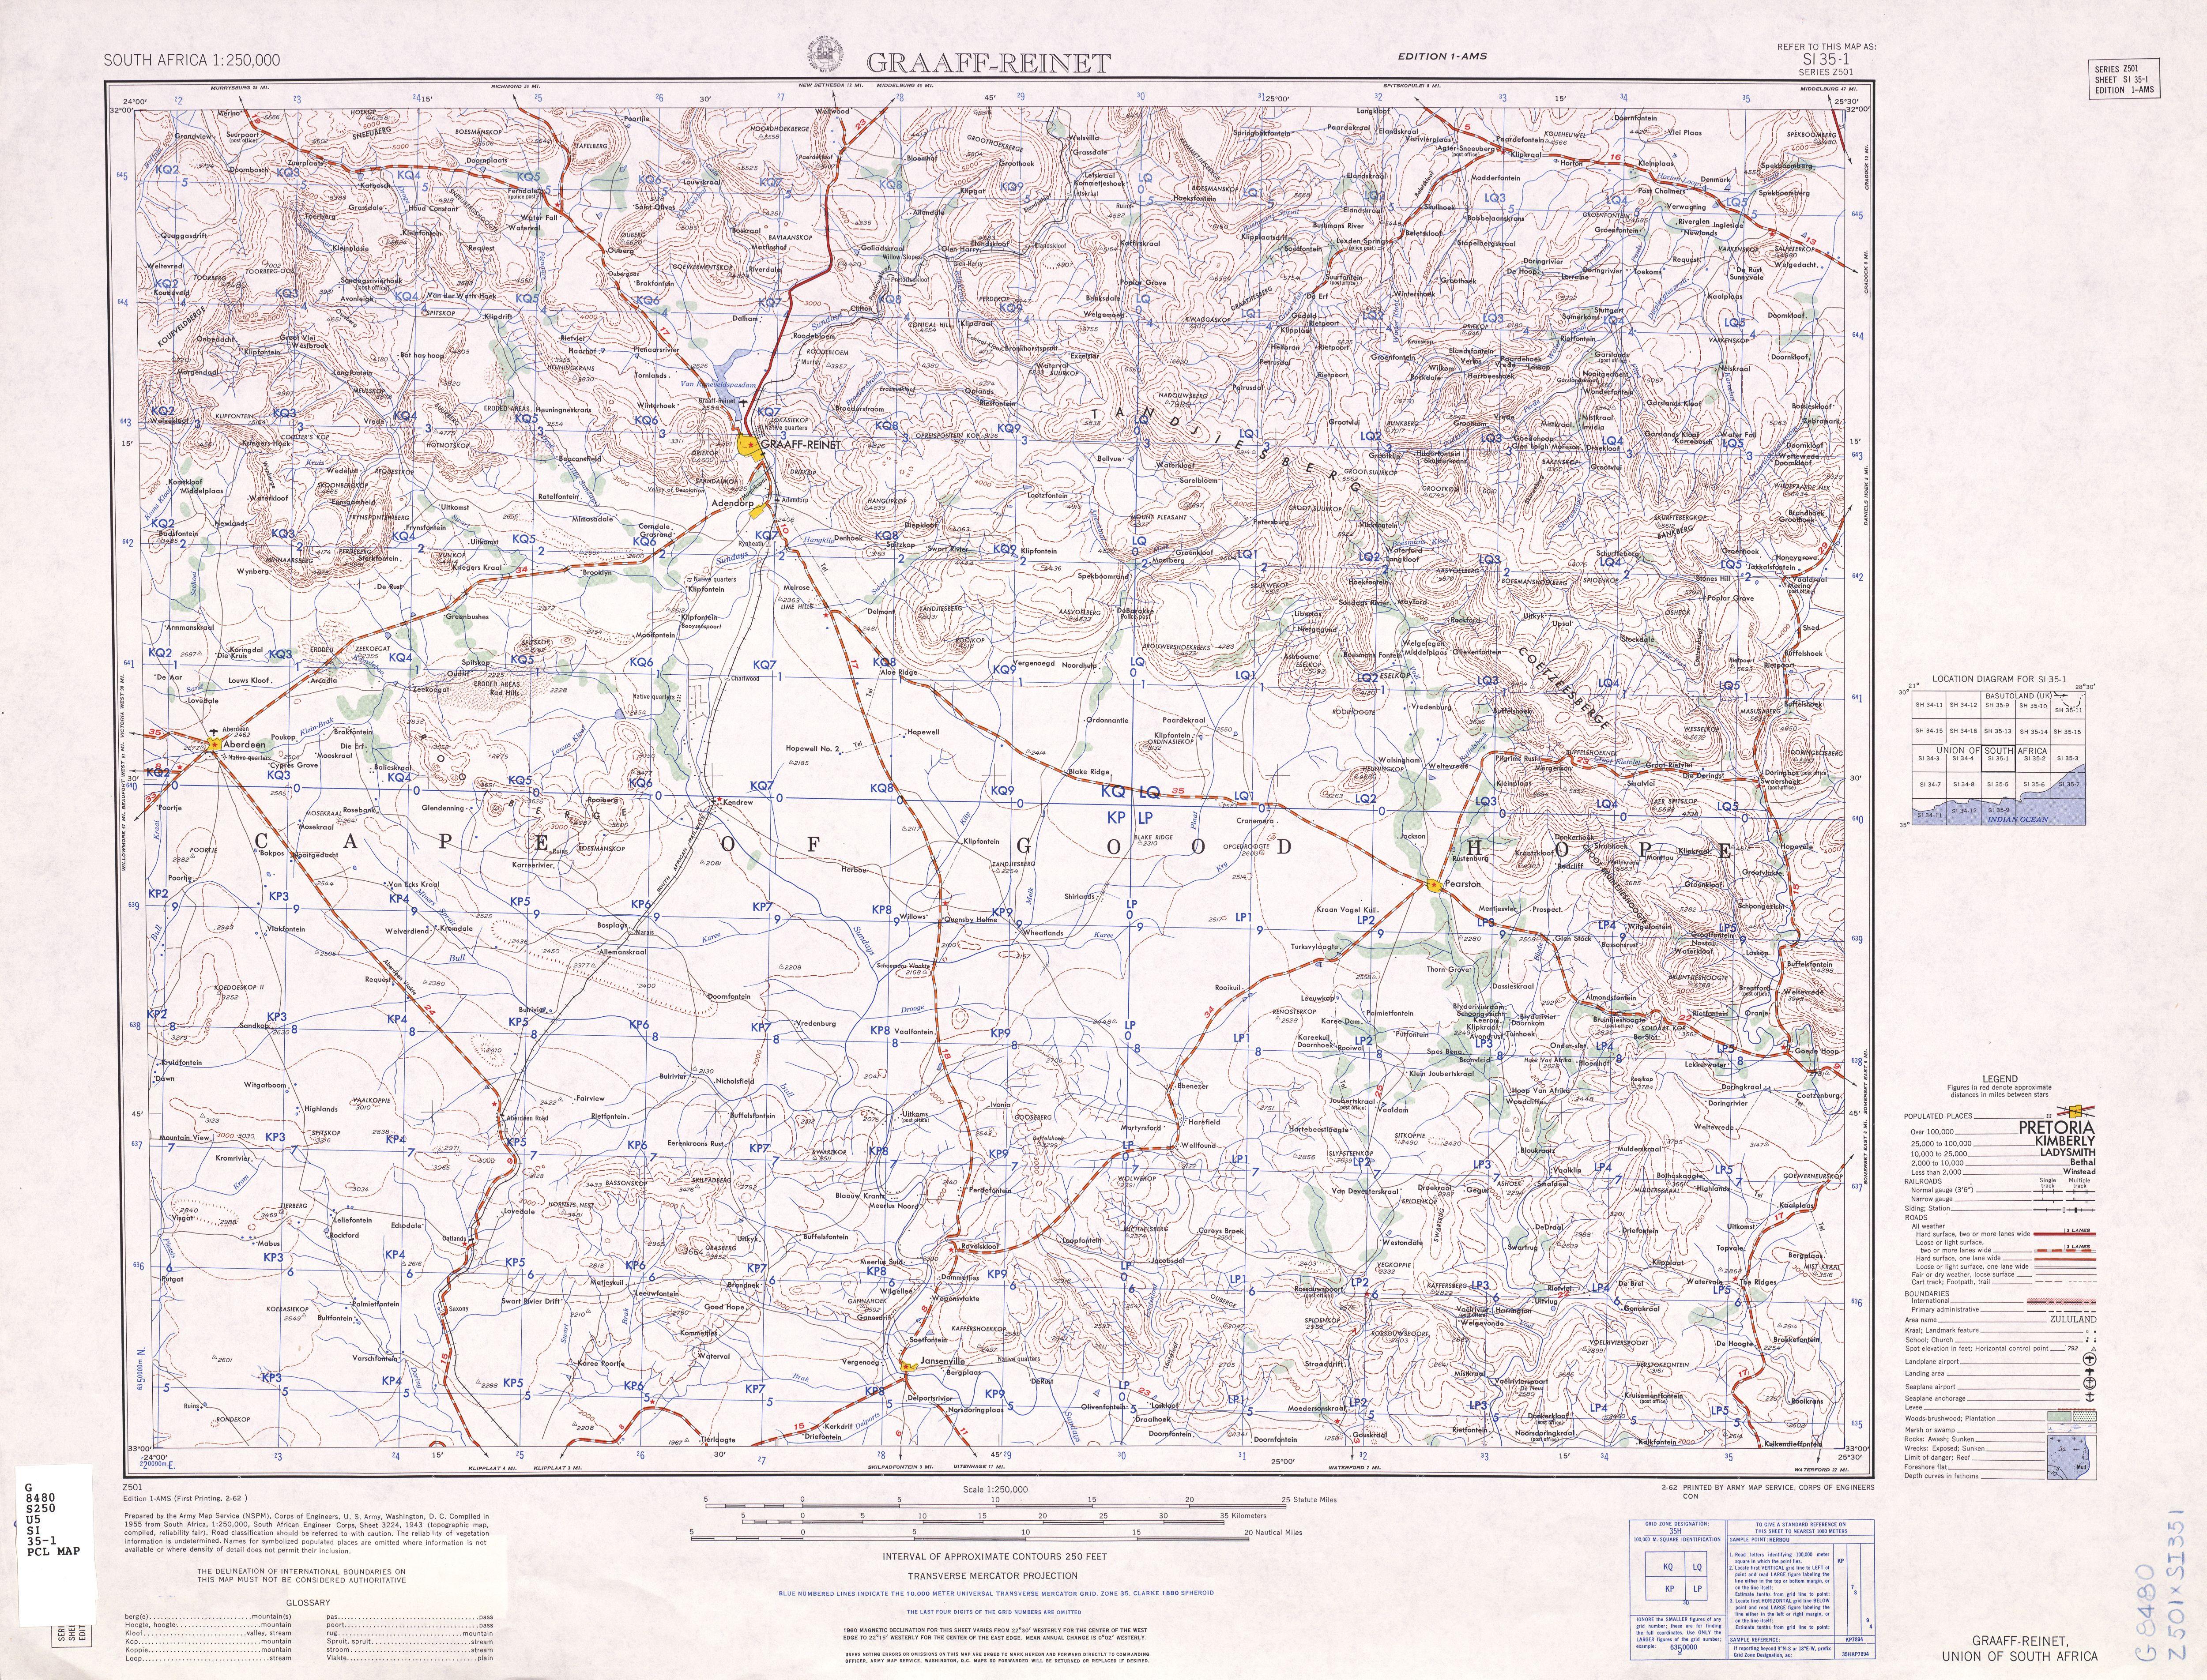 Hoja Reinet del Mapa Topográfico de África Meridional 1954